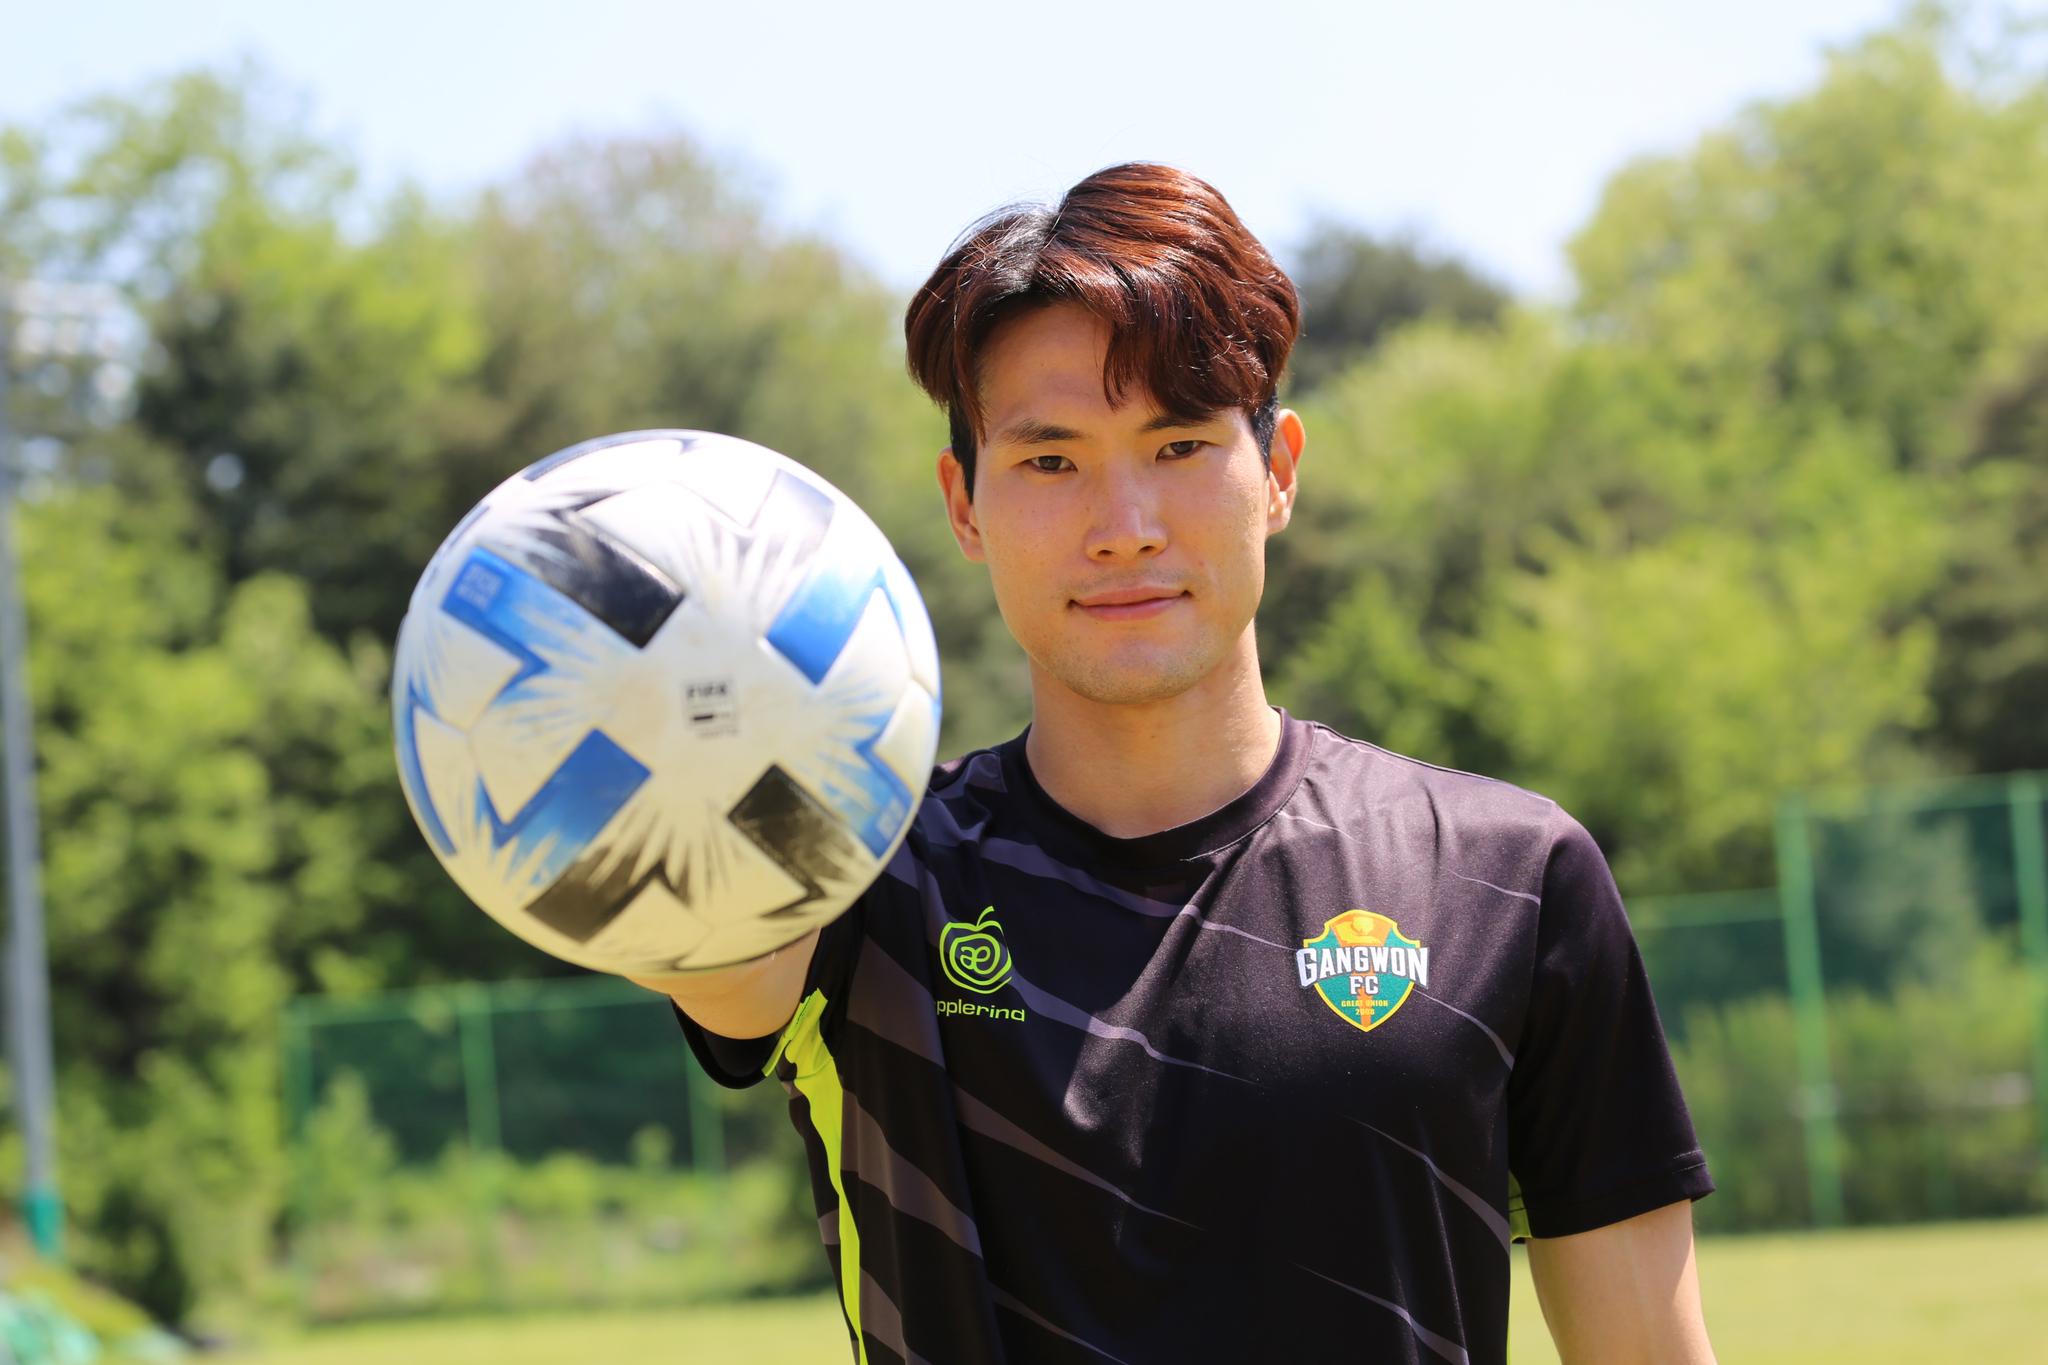 프로축구 강원FC의 중원을 책임지고 있는 한국영. 그는 정확한 패스와 왕성한 활동량으로 공수 연결고리 역할을 한다. [사진 강원FC]